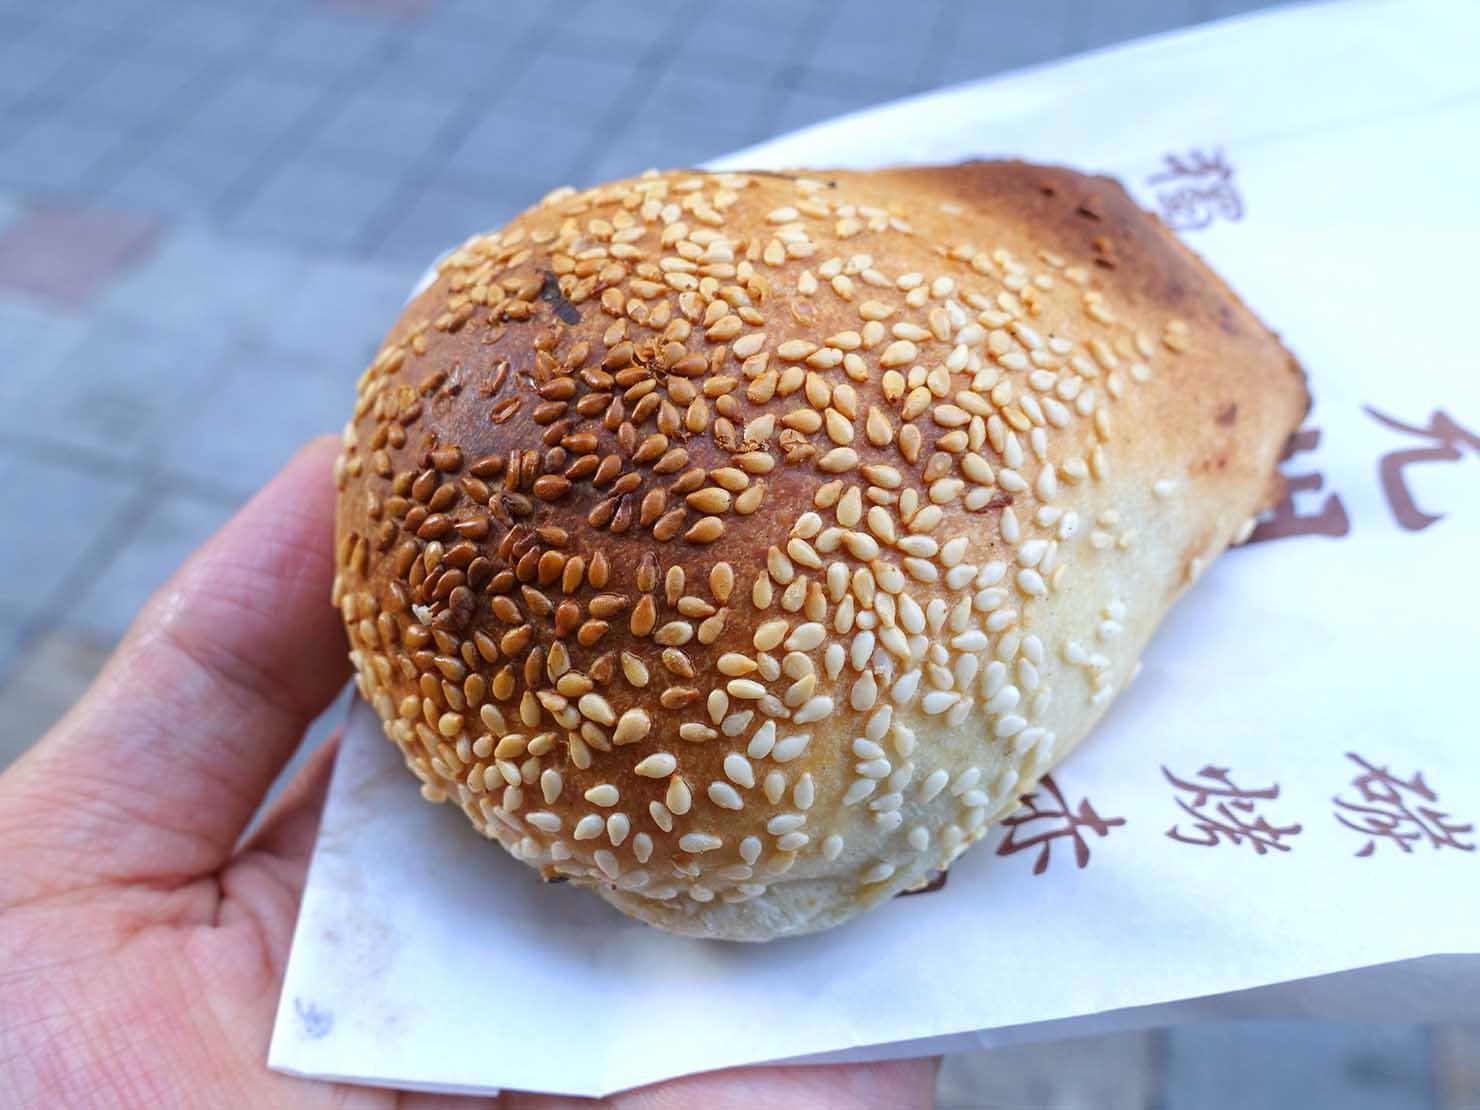 台北駅周辺のおすすめ台湾グルメ店「福元胡椒餅」の胡椒餅